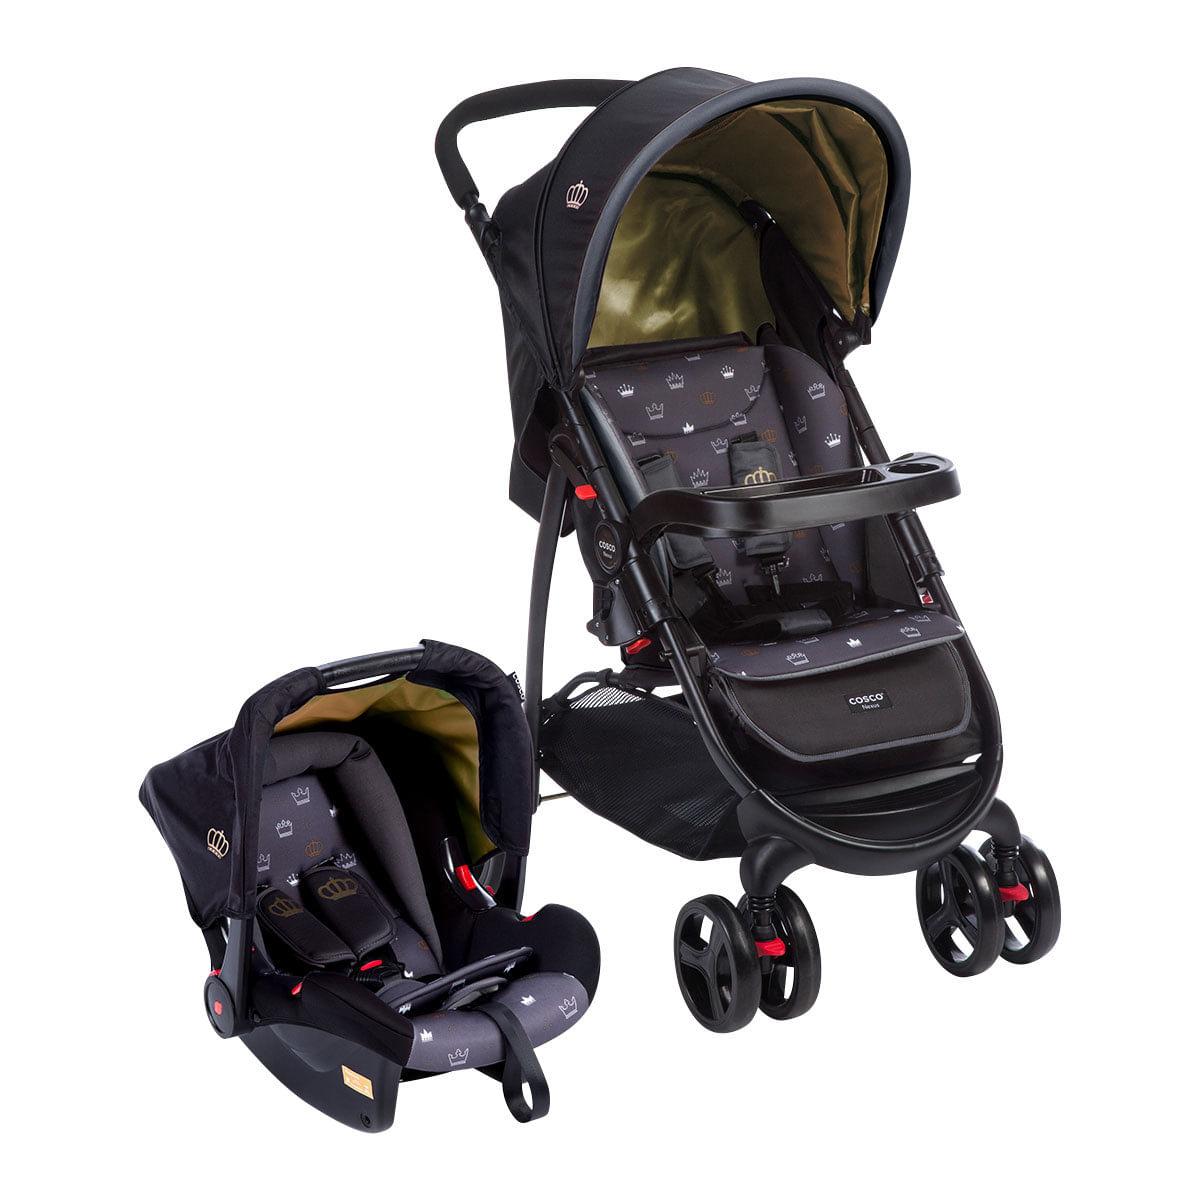 Imagem de Carrinho de Bebê Cosco Travel System Nexus